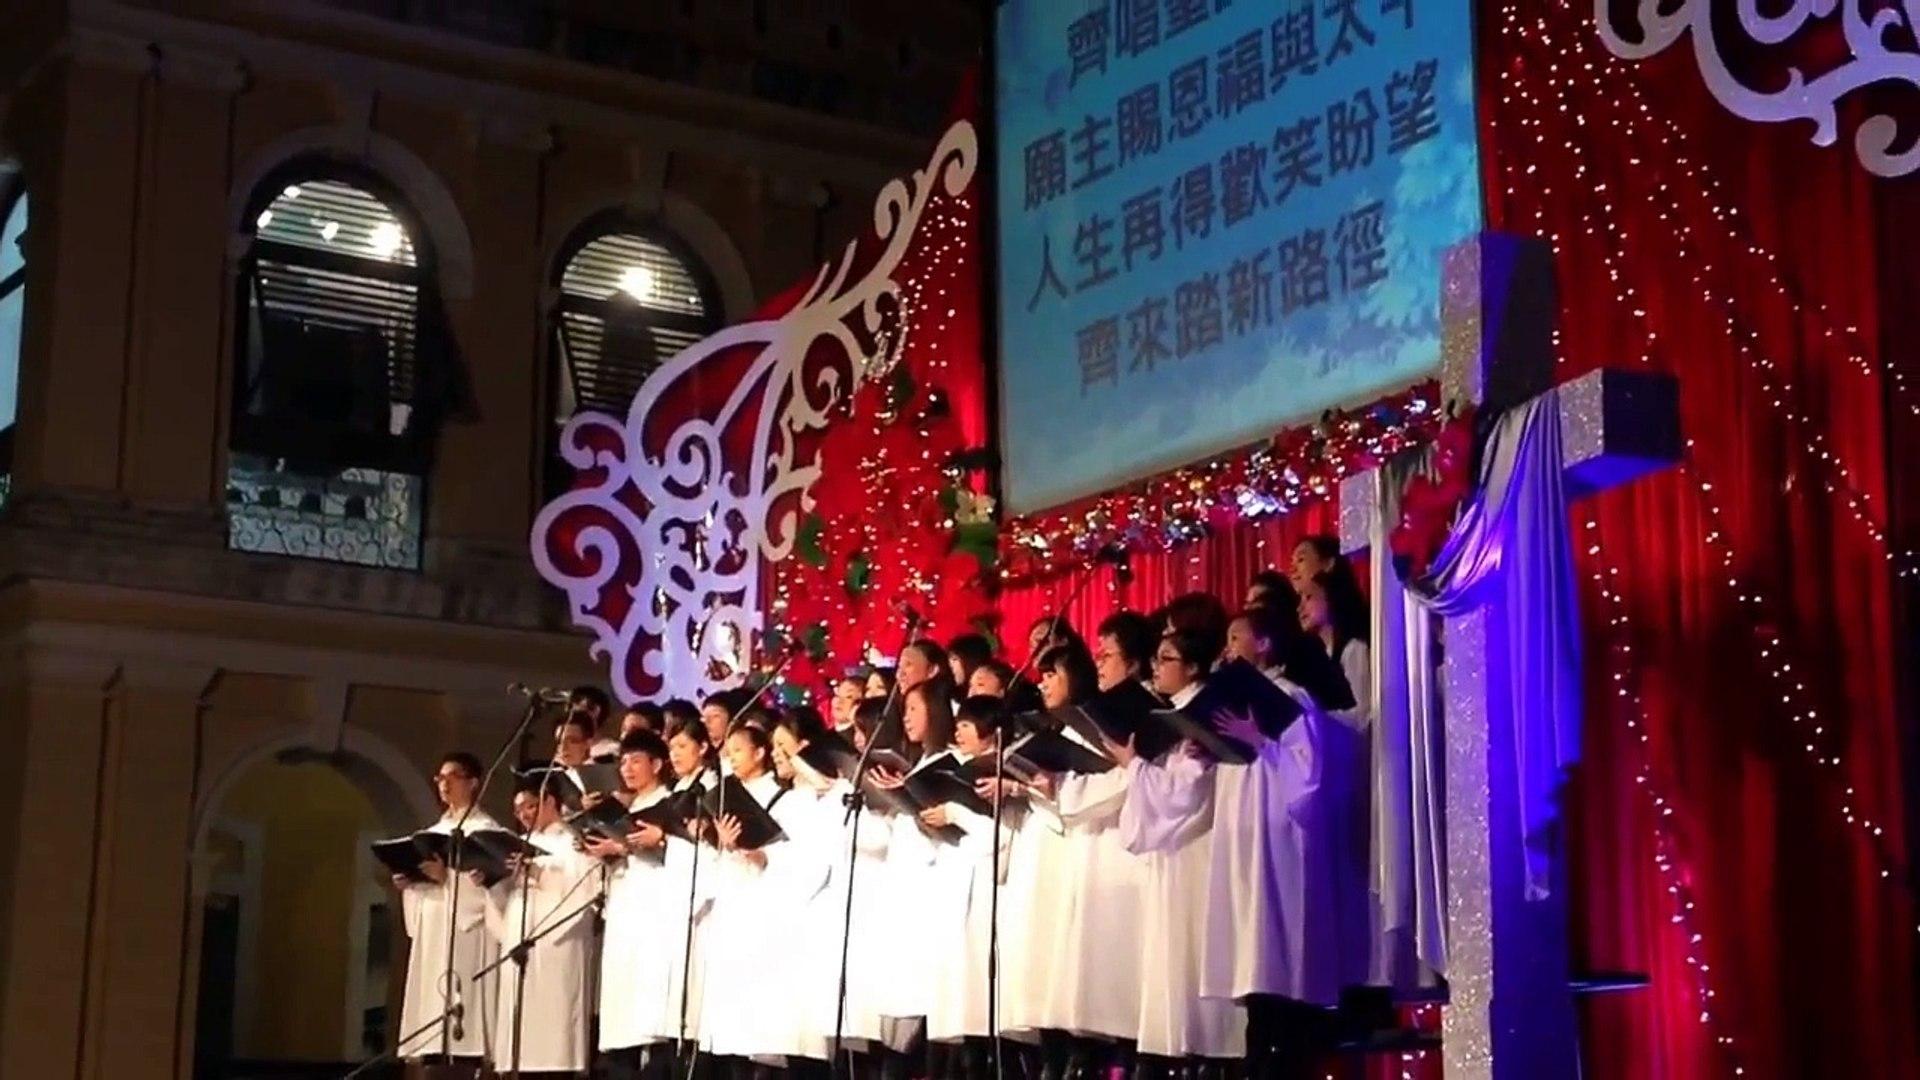 聖誕夜 23 Dec 2014 澳門大三巴排坊  12